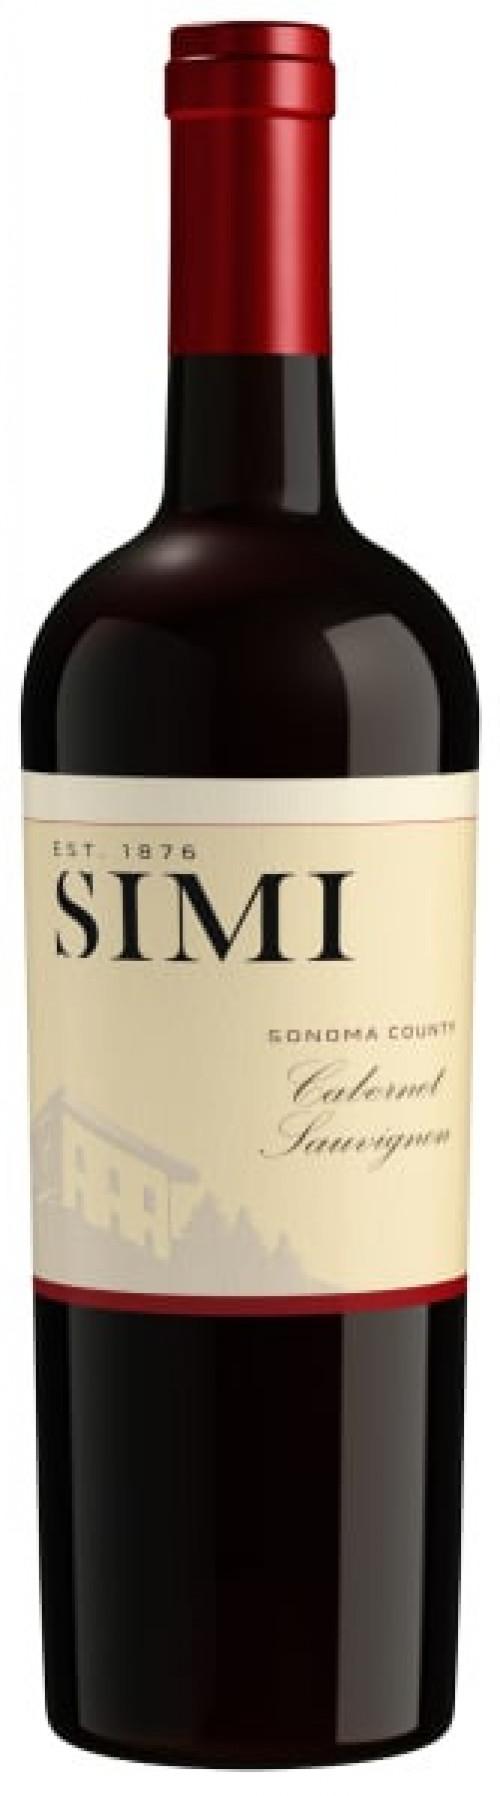 2018 Simi Sonoma Coast Cabernet Sauvignon 750ml